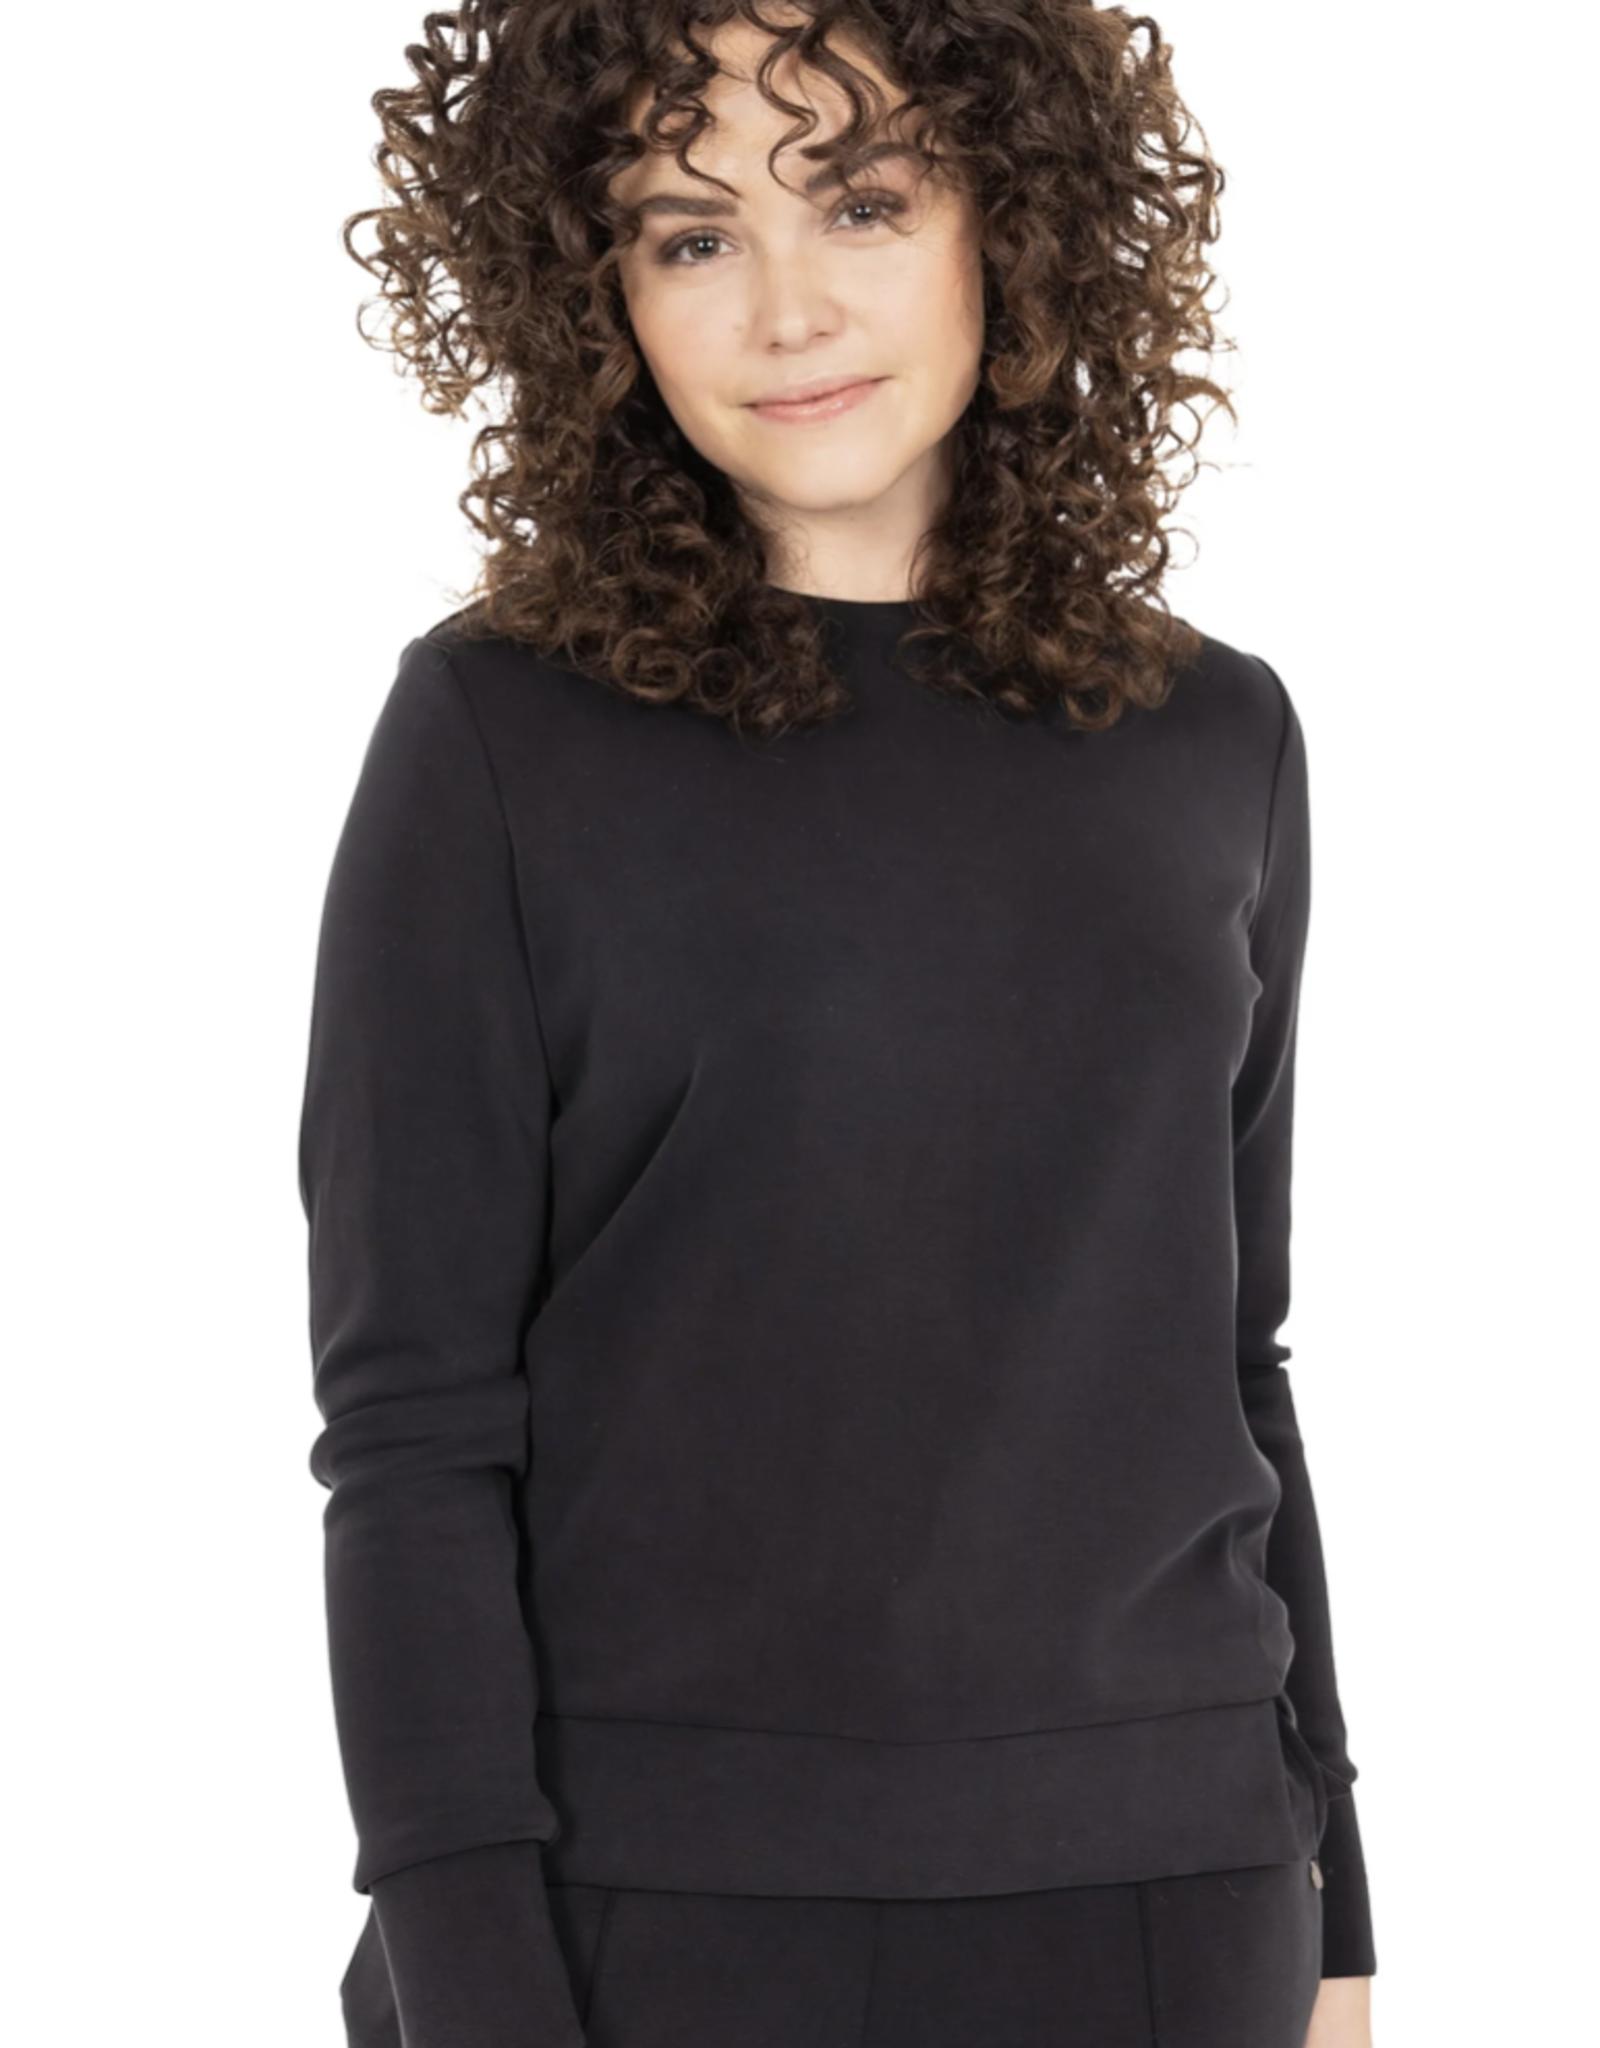 Zusss Zusss - Fijne sweater off black